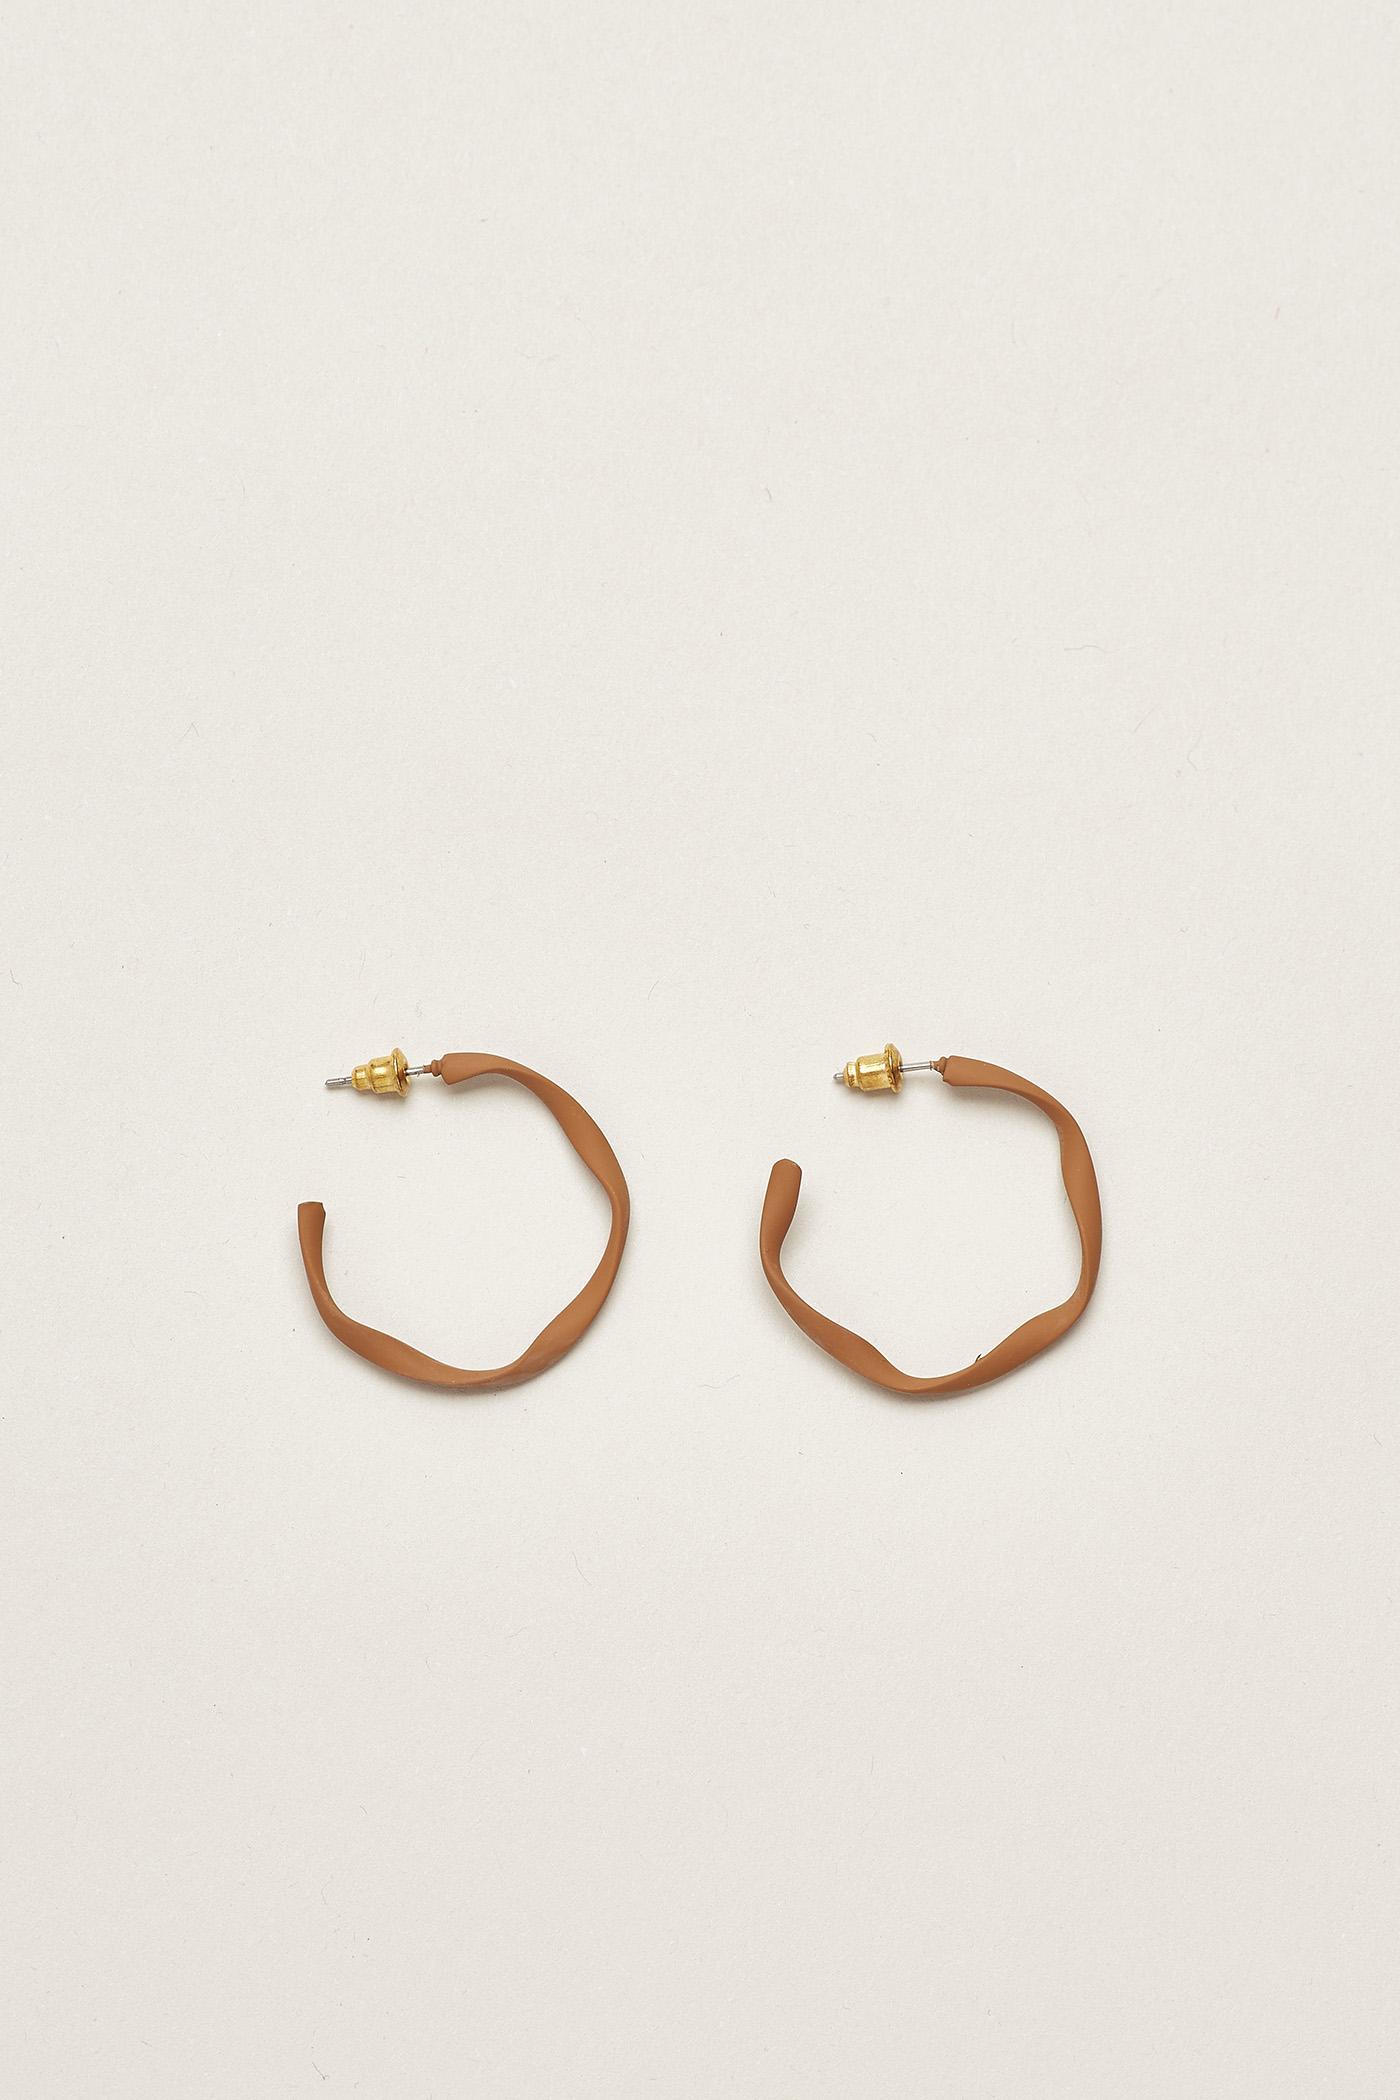 Petya Thin Hoop Earrings